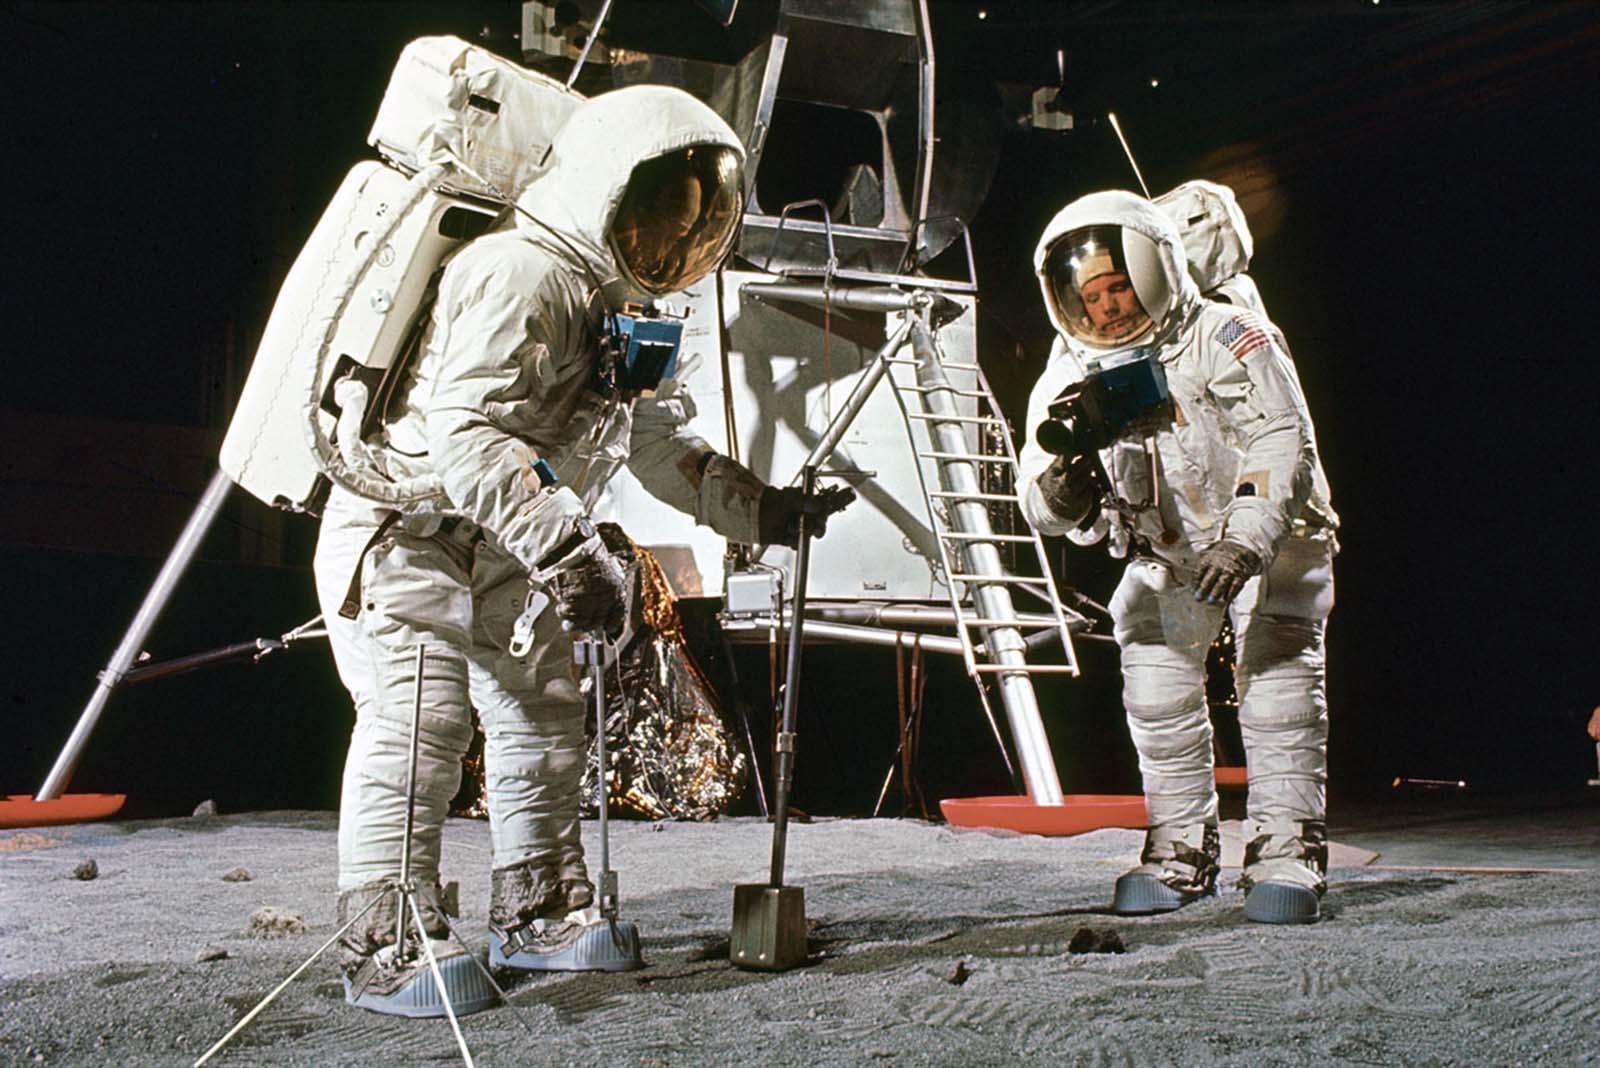 Buzz Aldrin (à esquerda) e Neil Armstrong treinam para fazer recuperações de amostras documentadas, vestidas perto de uma maquete do módulo lunar na primavera de 1969.